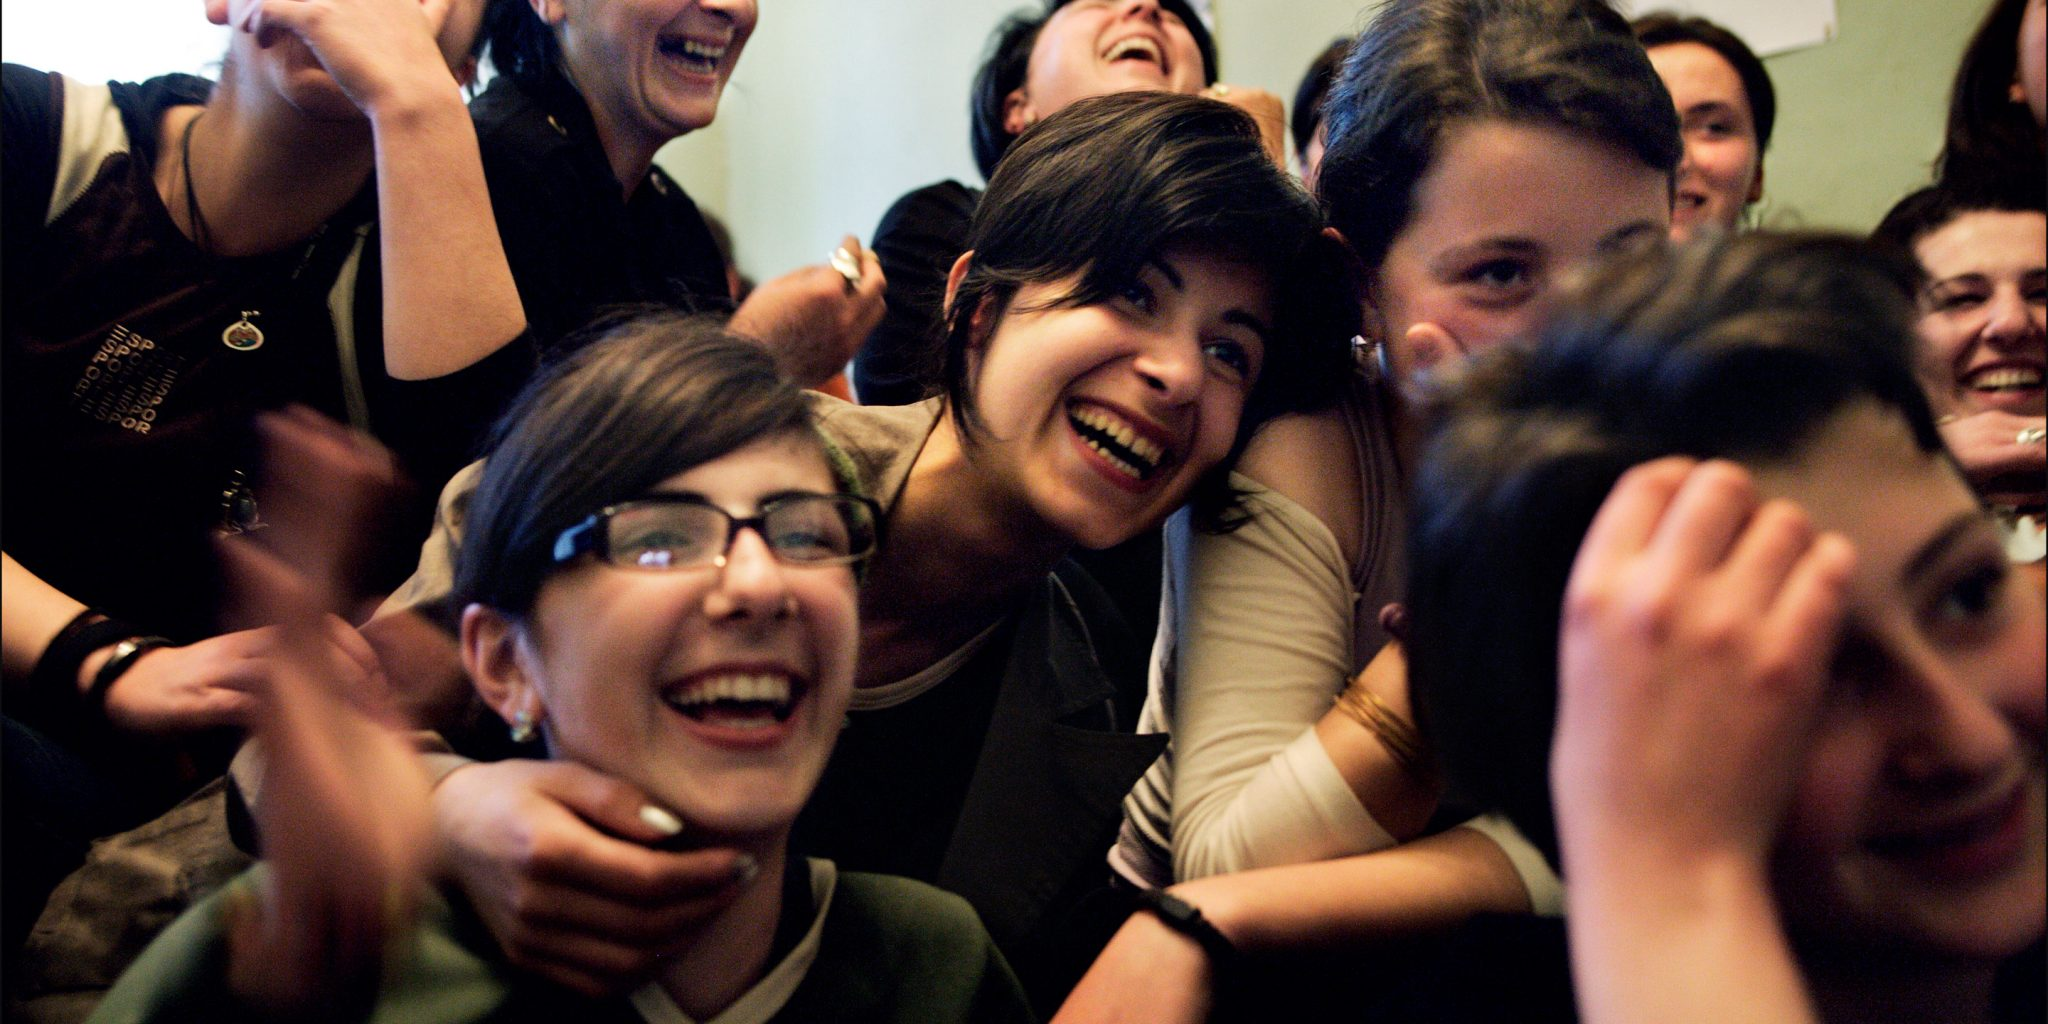 Unga kvinnor hos Women's Hope, som bland annat informerar om sexuella och reproduktiva rättigheter. Foto: Maria Steen/Moment